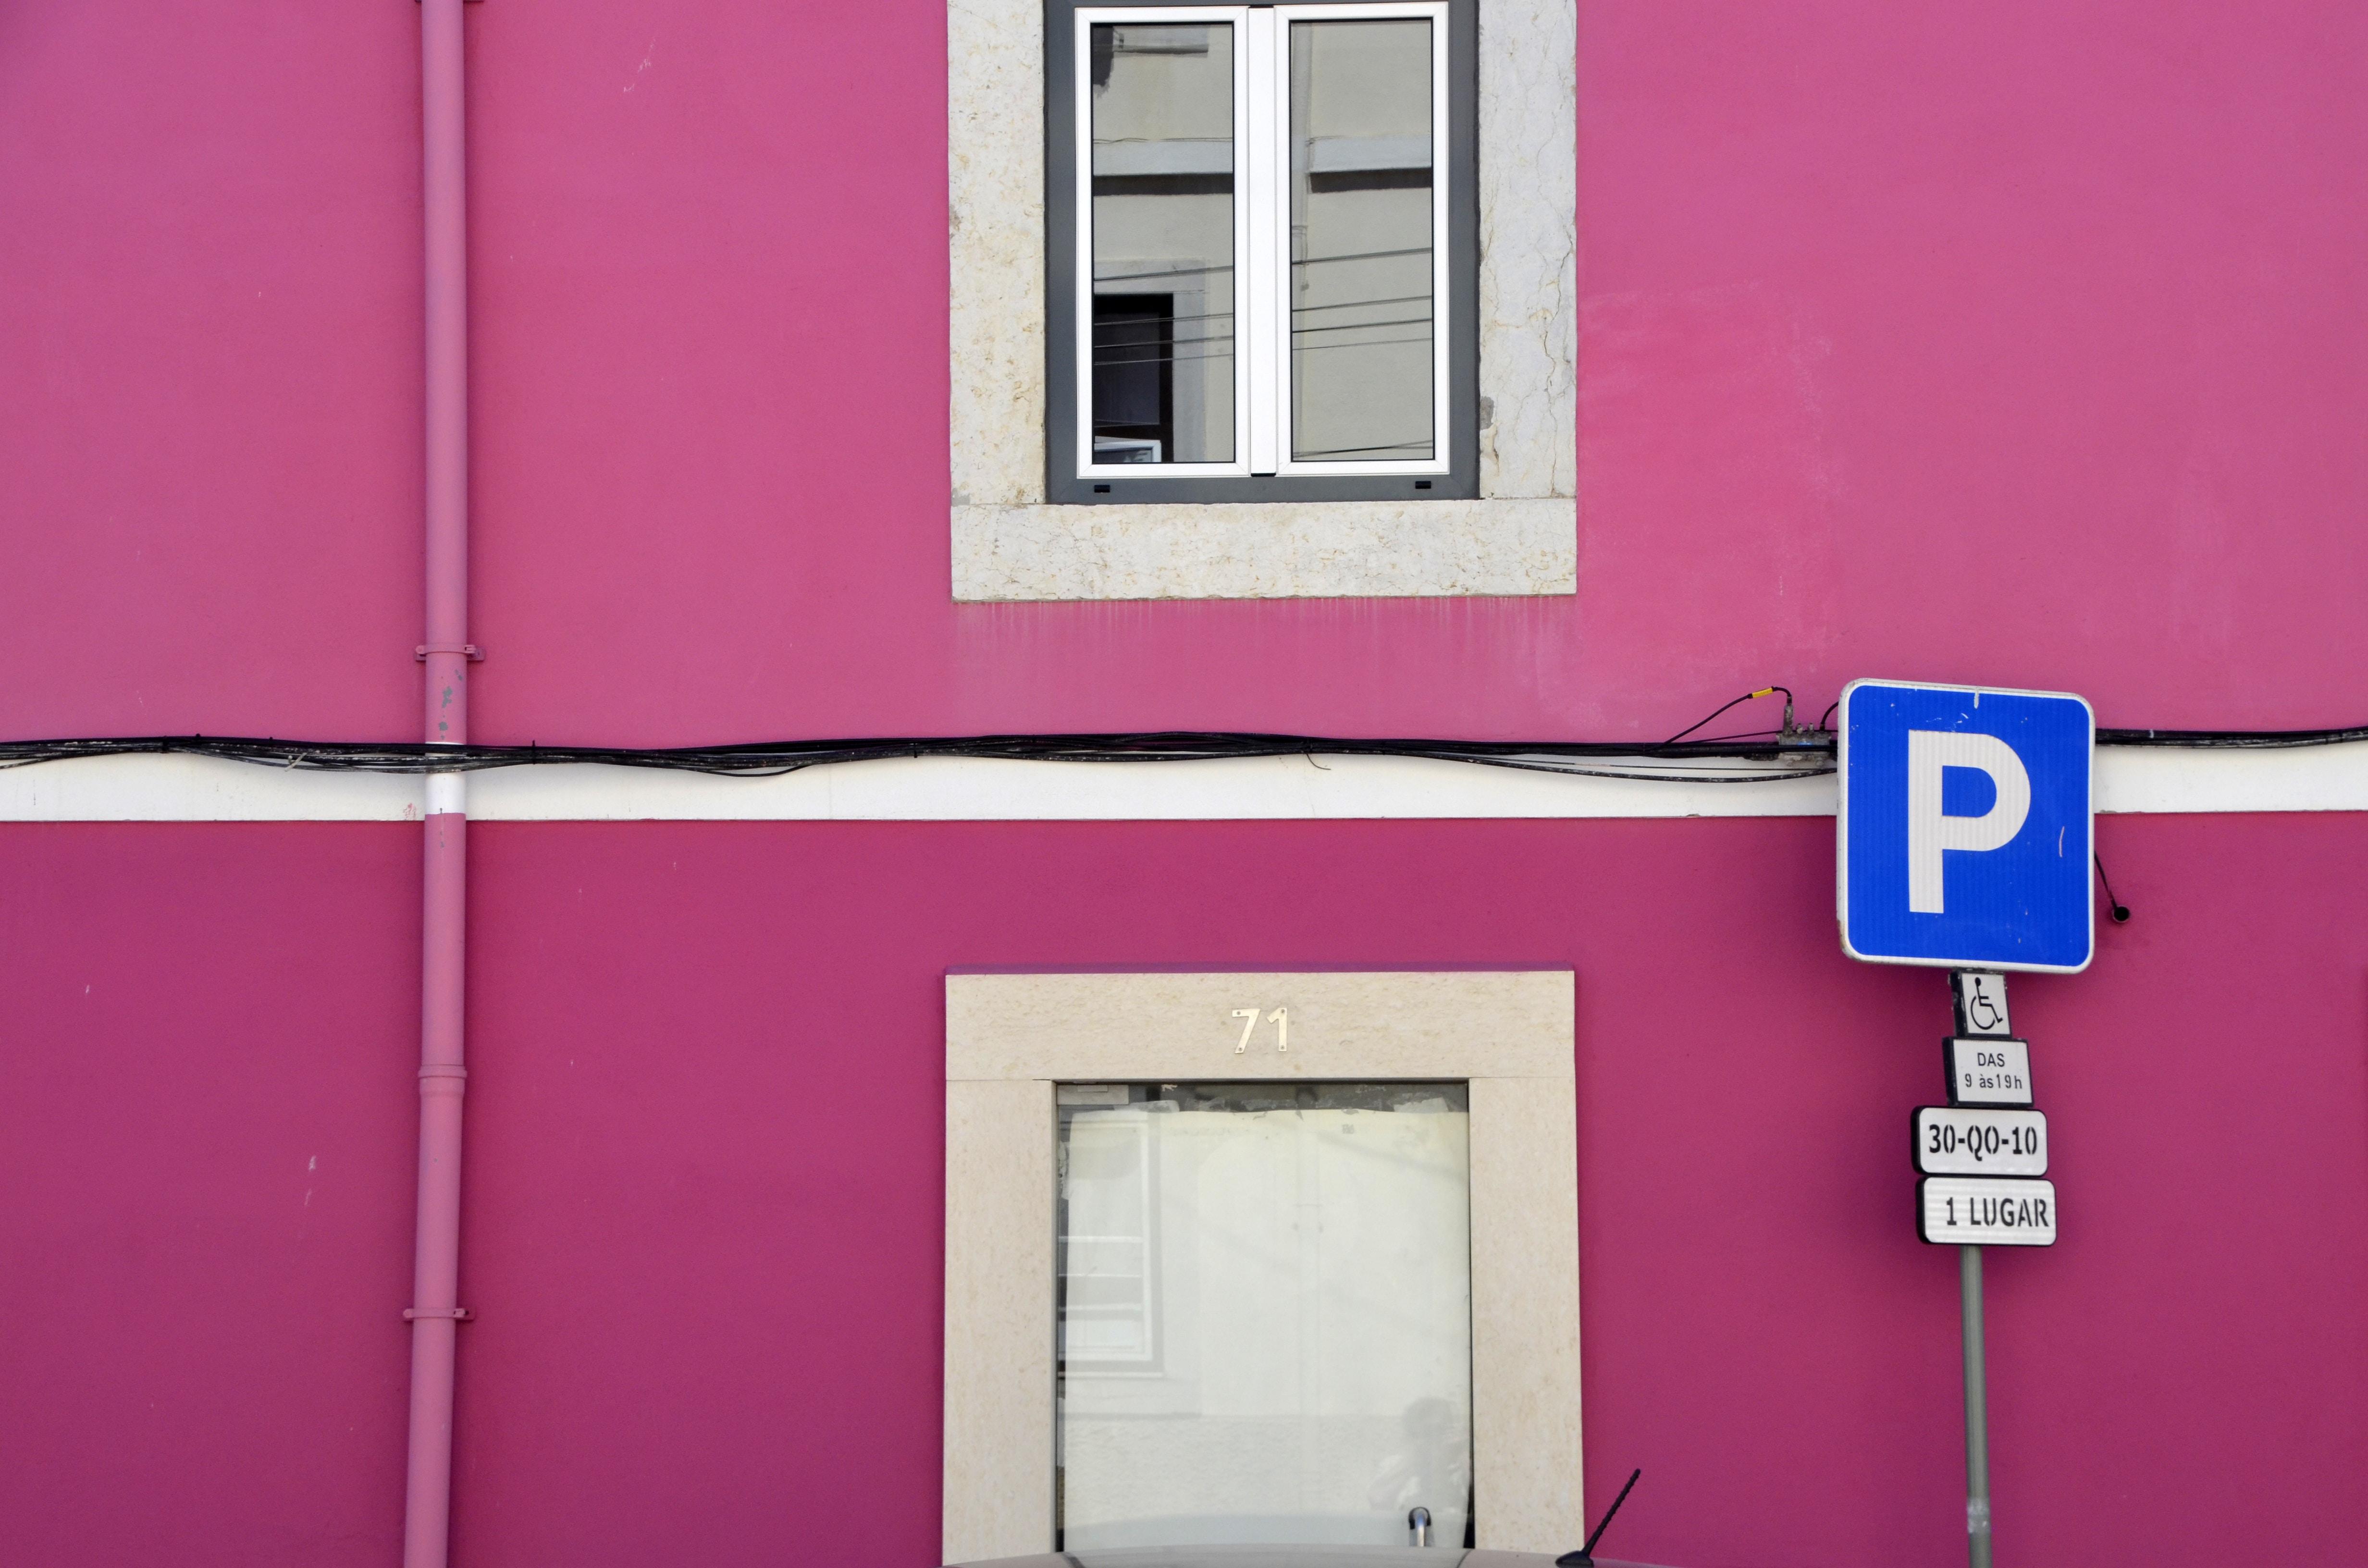 Parking signage near pink concrete building